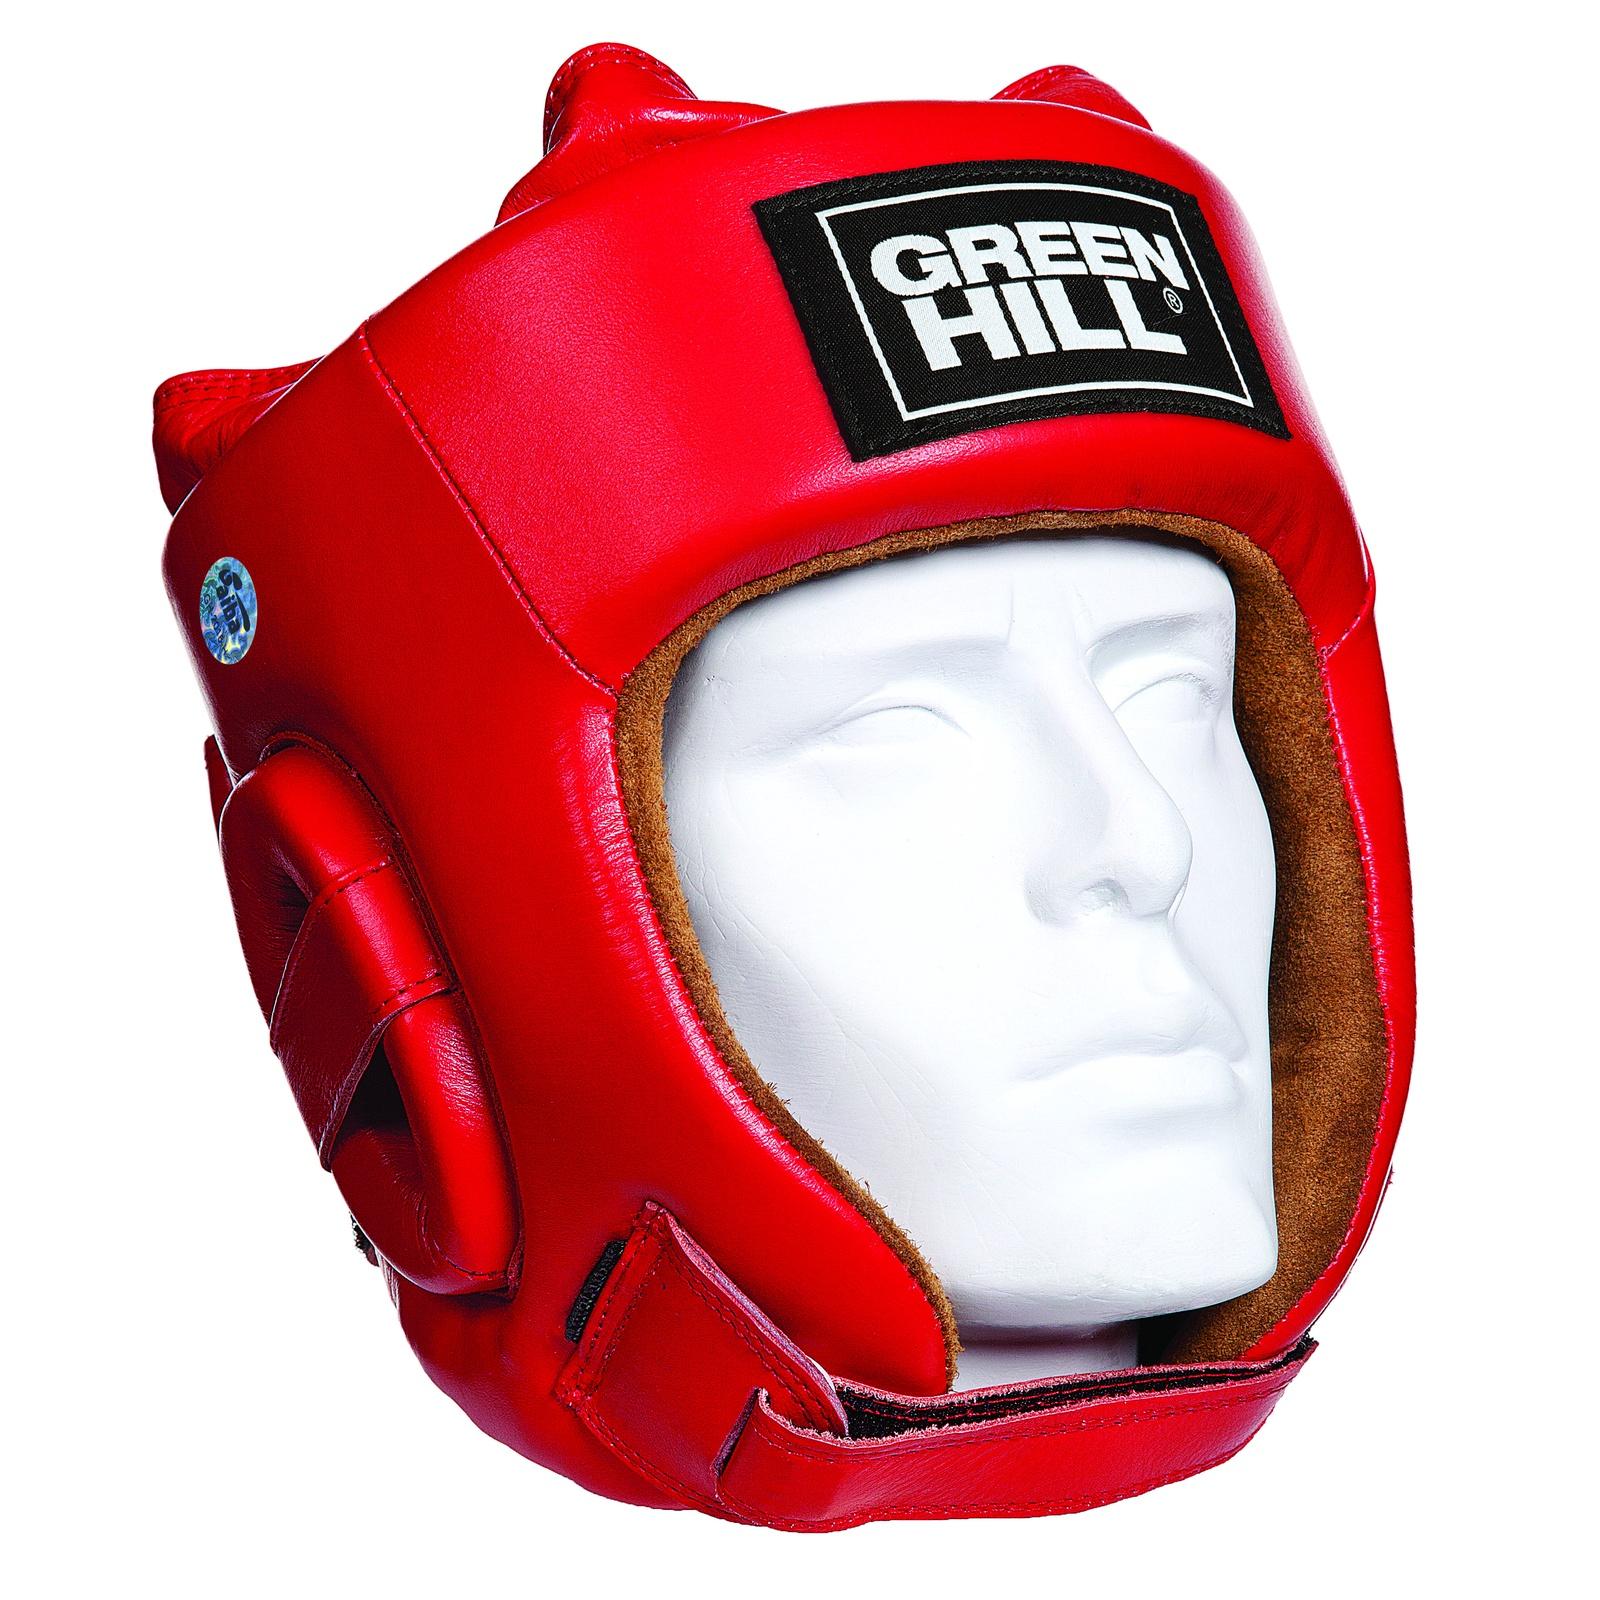 Шлем боксерский FIVE STAR одобренный AIBA, цвет красный, размер XL, HGF-4012_RD_4 все цены